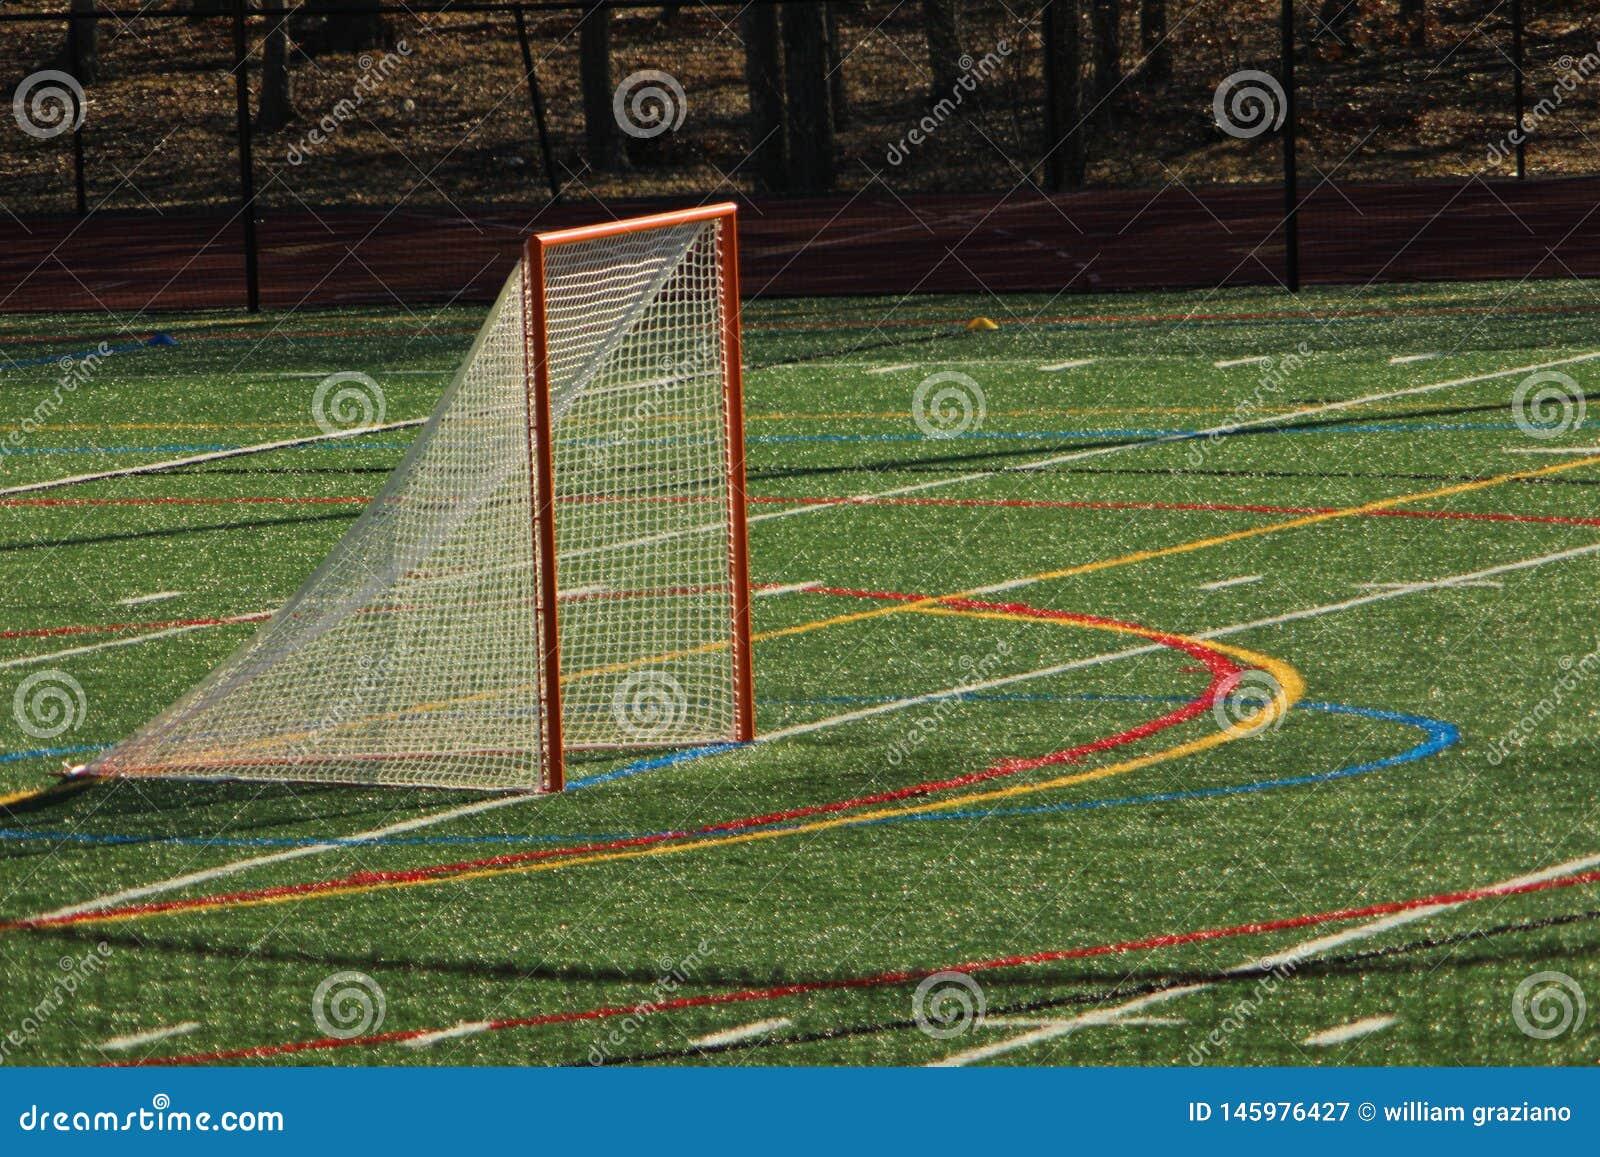 But de lacrosse sur un champ de gazon